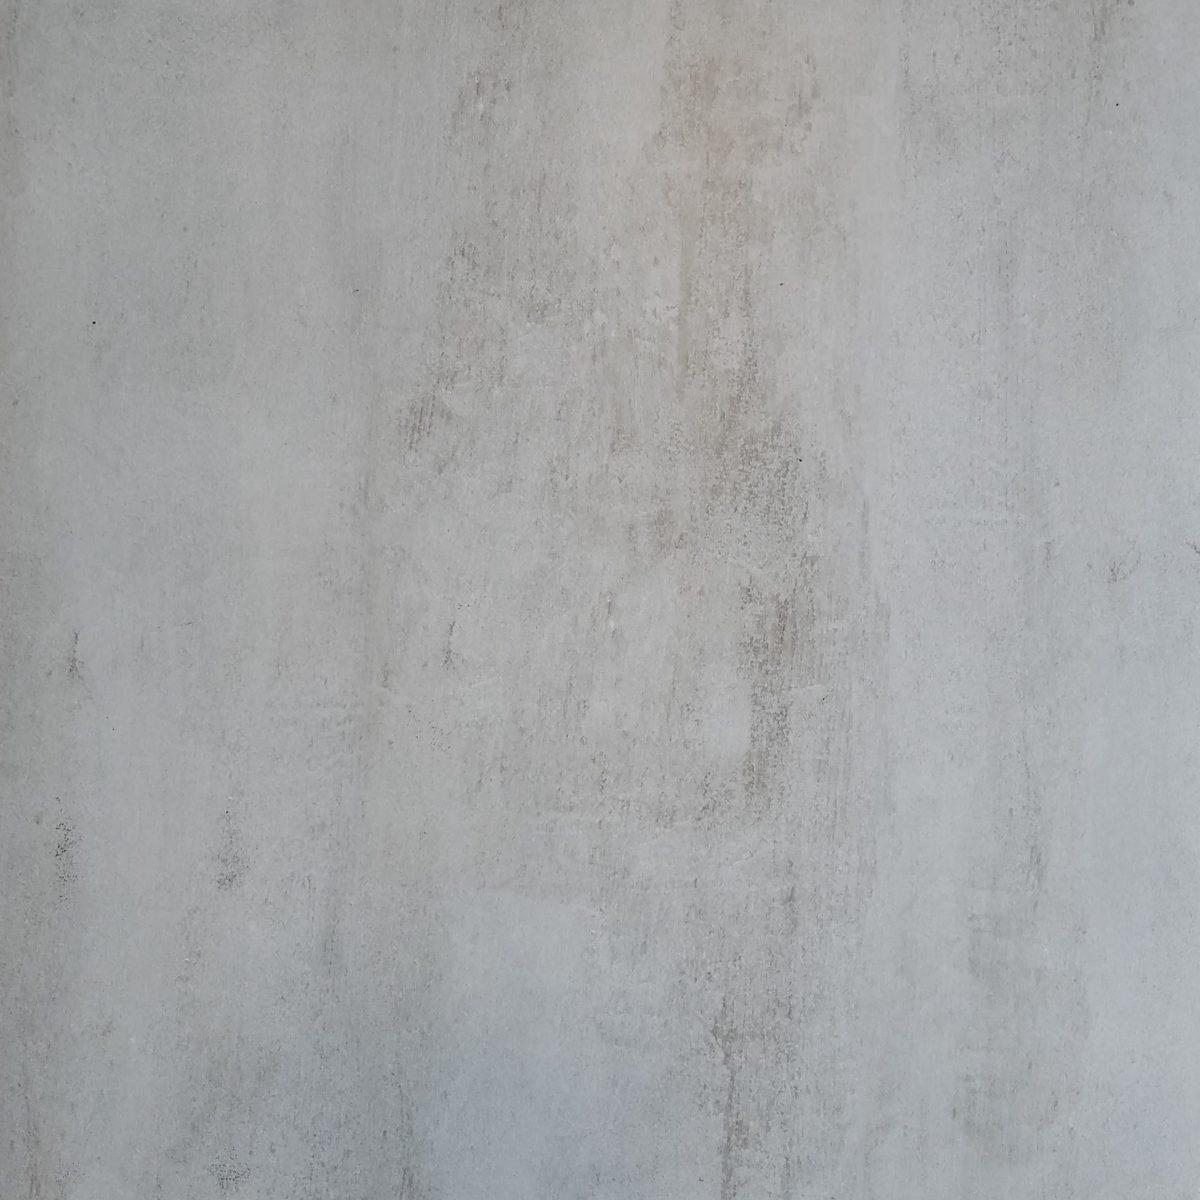 Concrete Light Gray Glazed Matte Finished Porcelain Tile